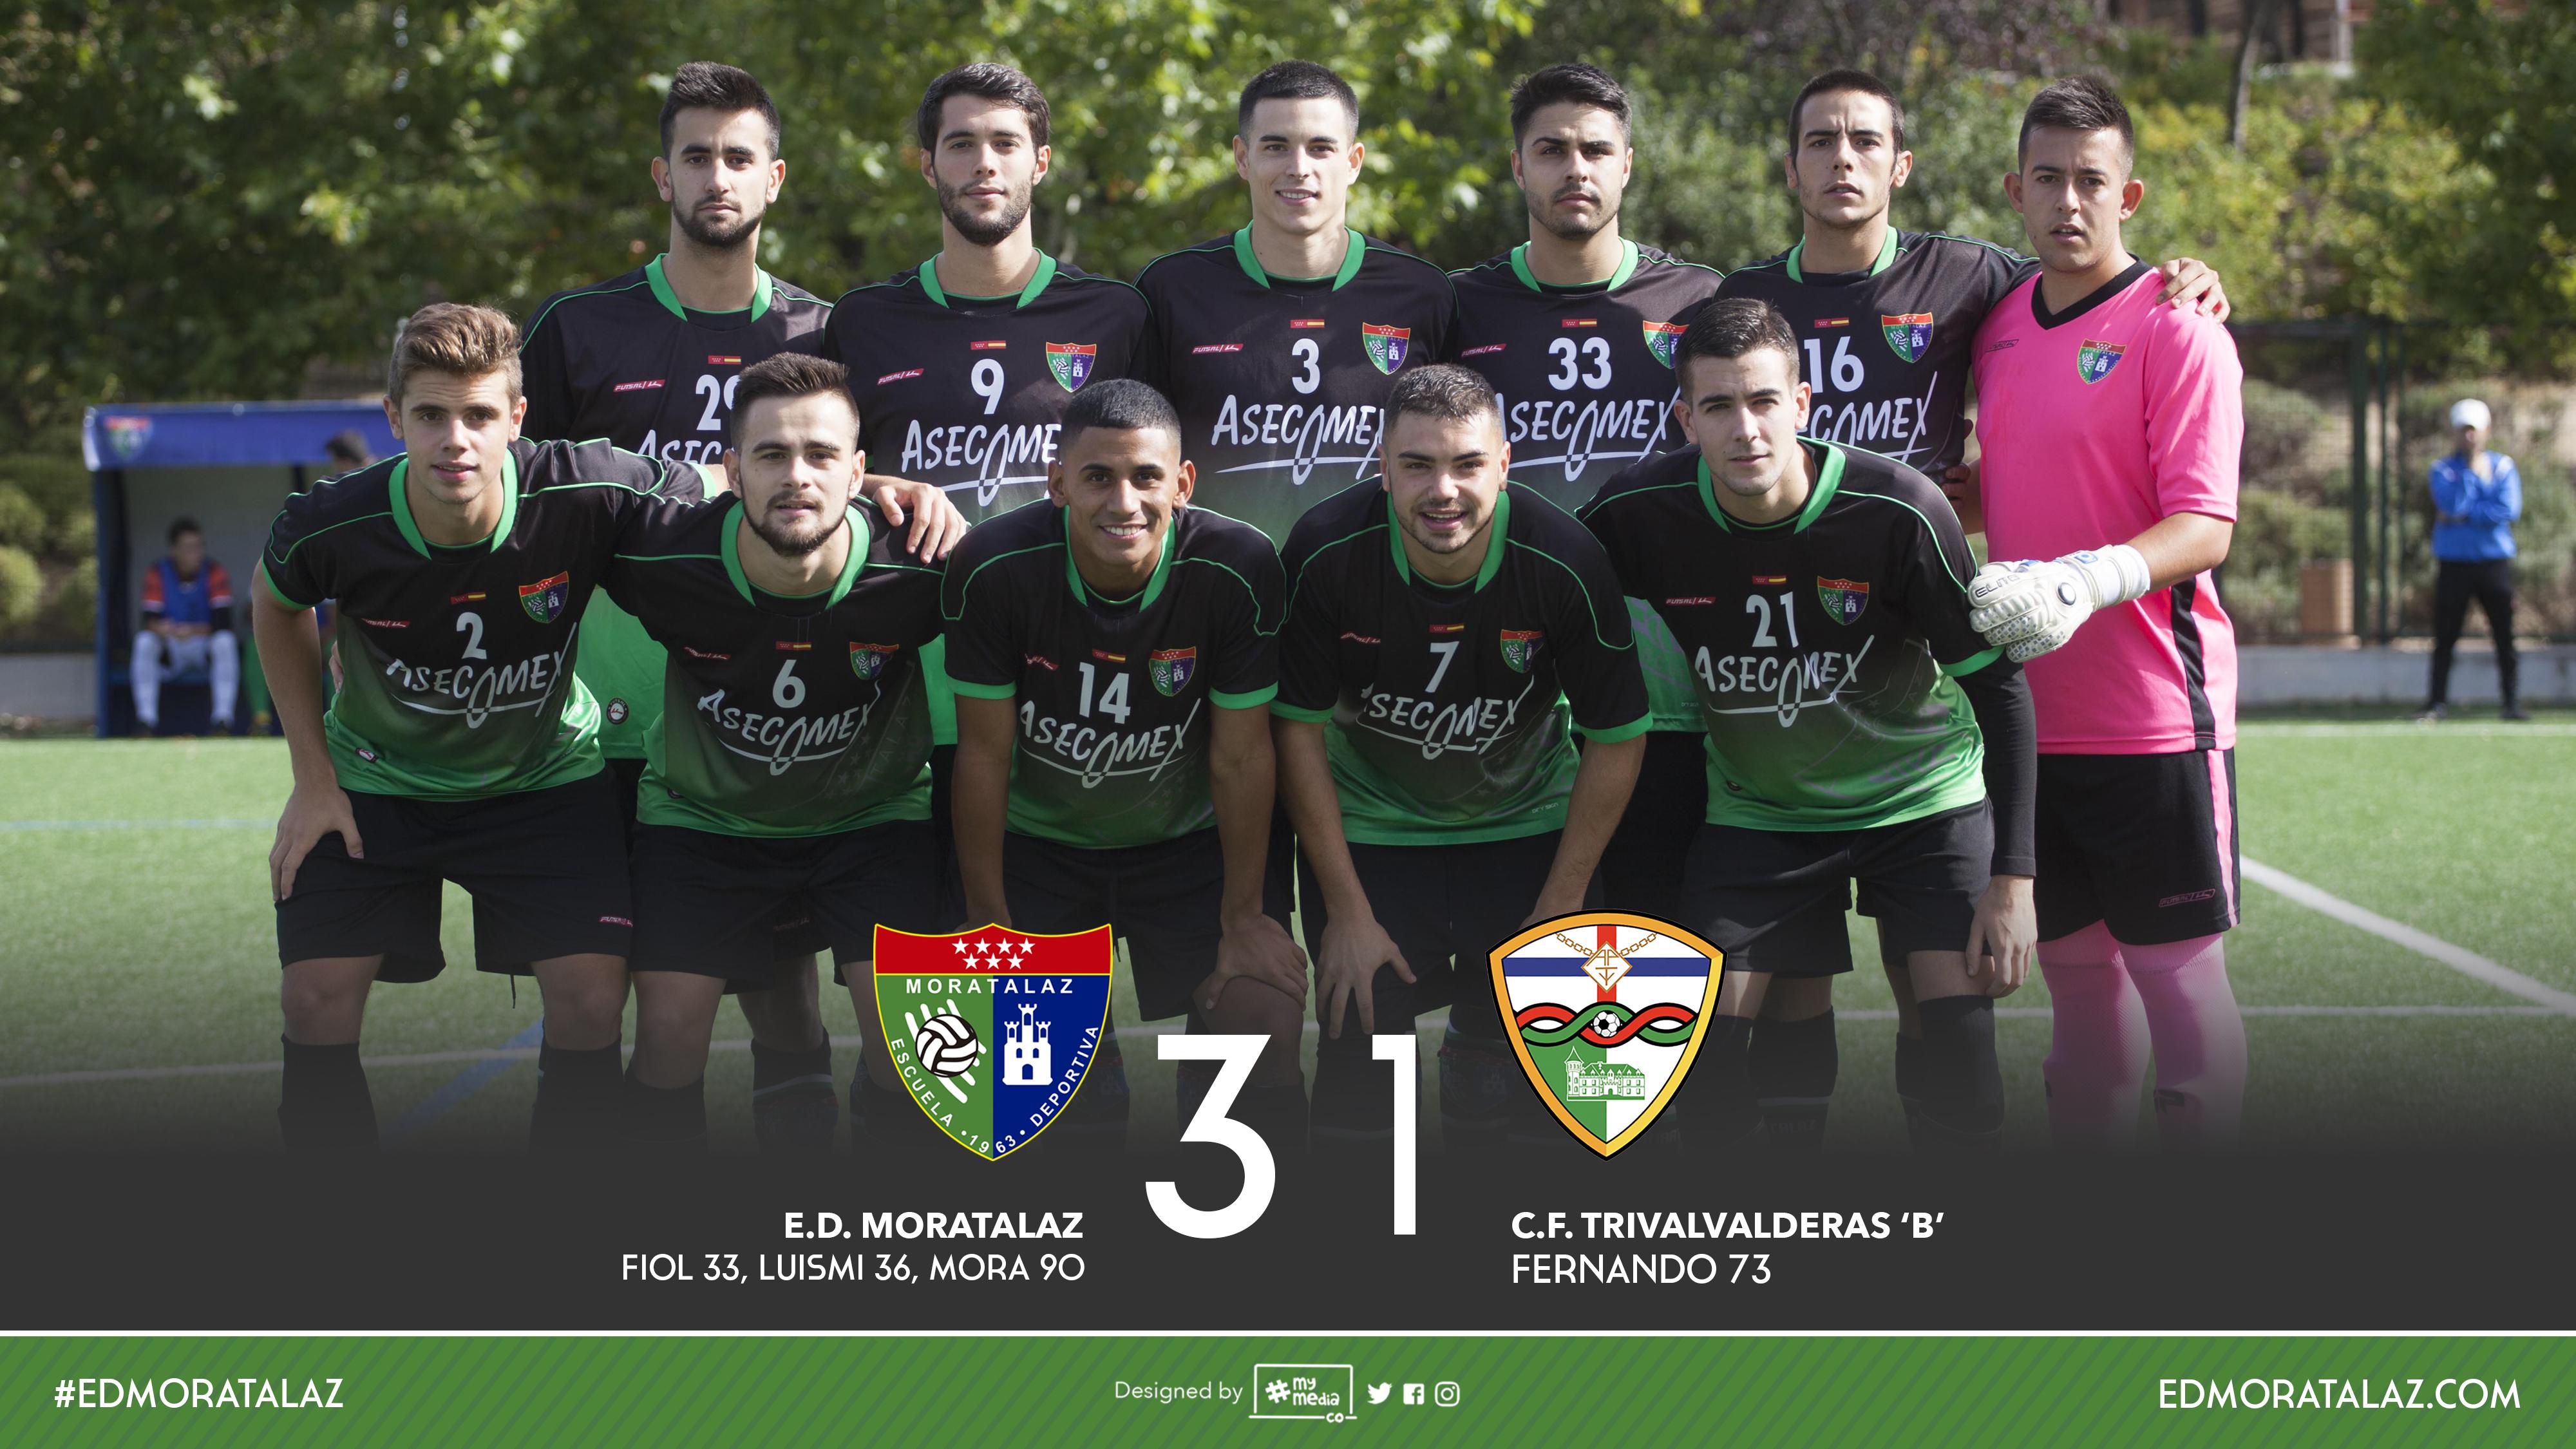 Crónica, fotos y vídeo resumen del partido Primer Equipo 3-1 CF Trival Valderas B